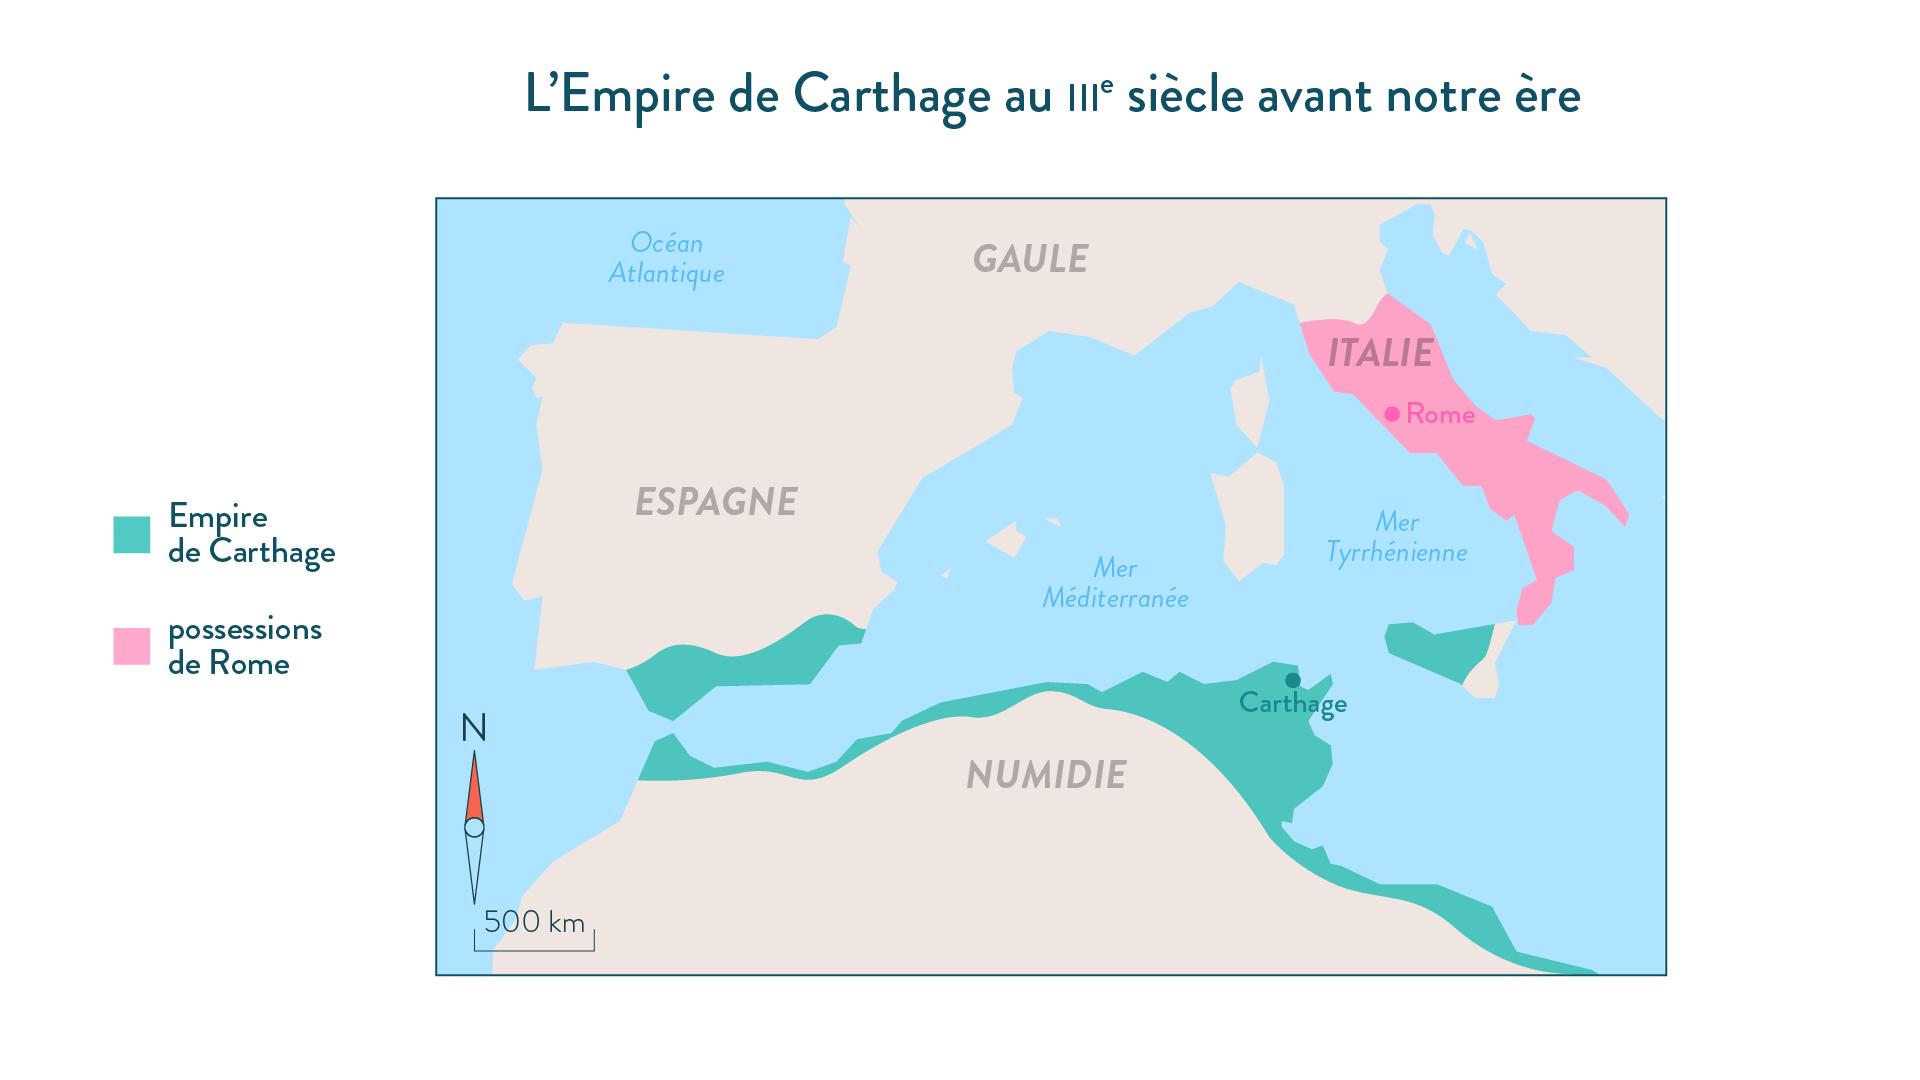 L'Empire de Carthage au III<sup>e</sup>siècle avant notre ère-histoire-6e